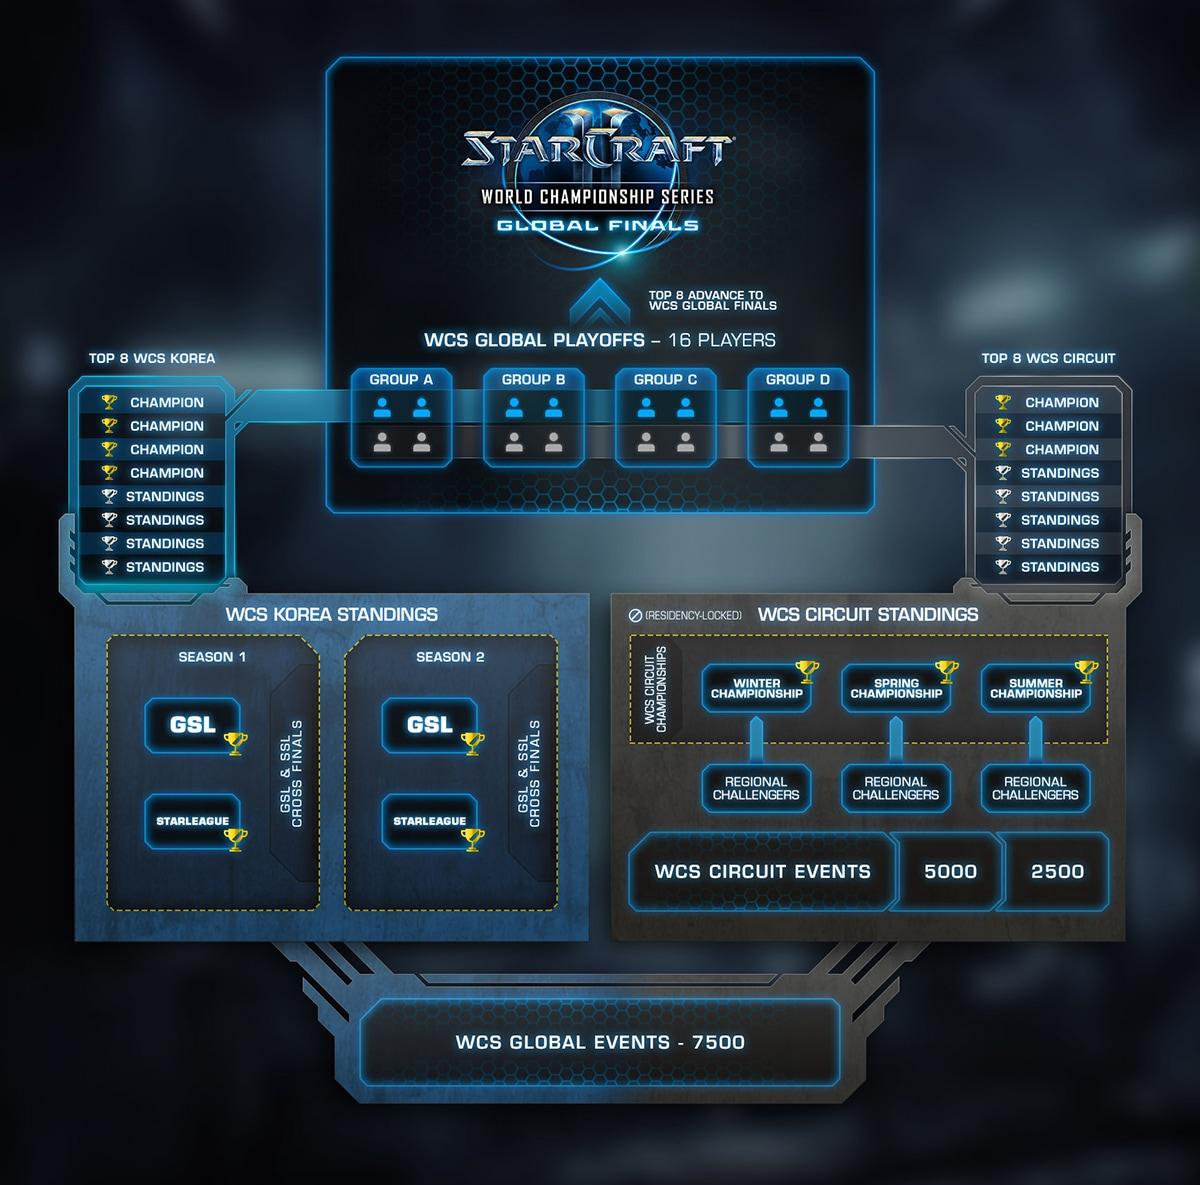 Star Craft Wcs Final Place